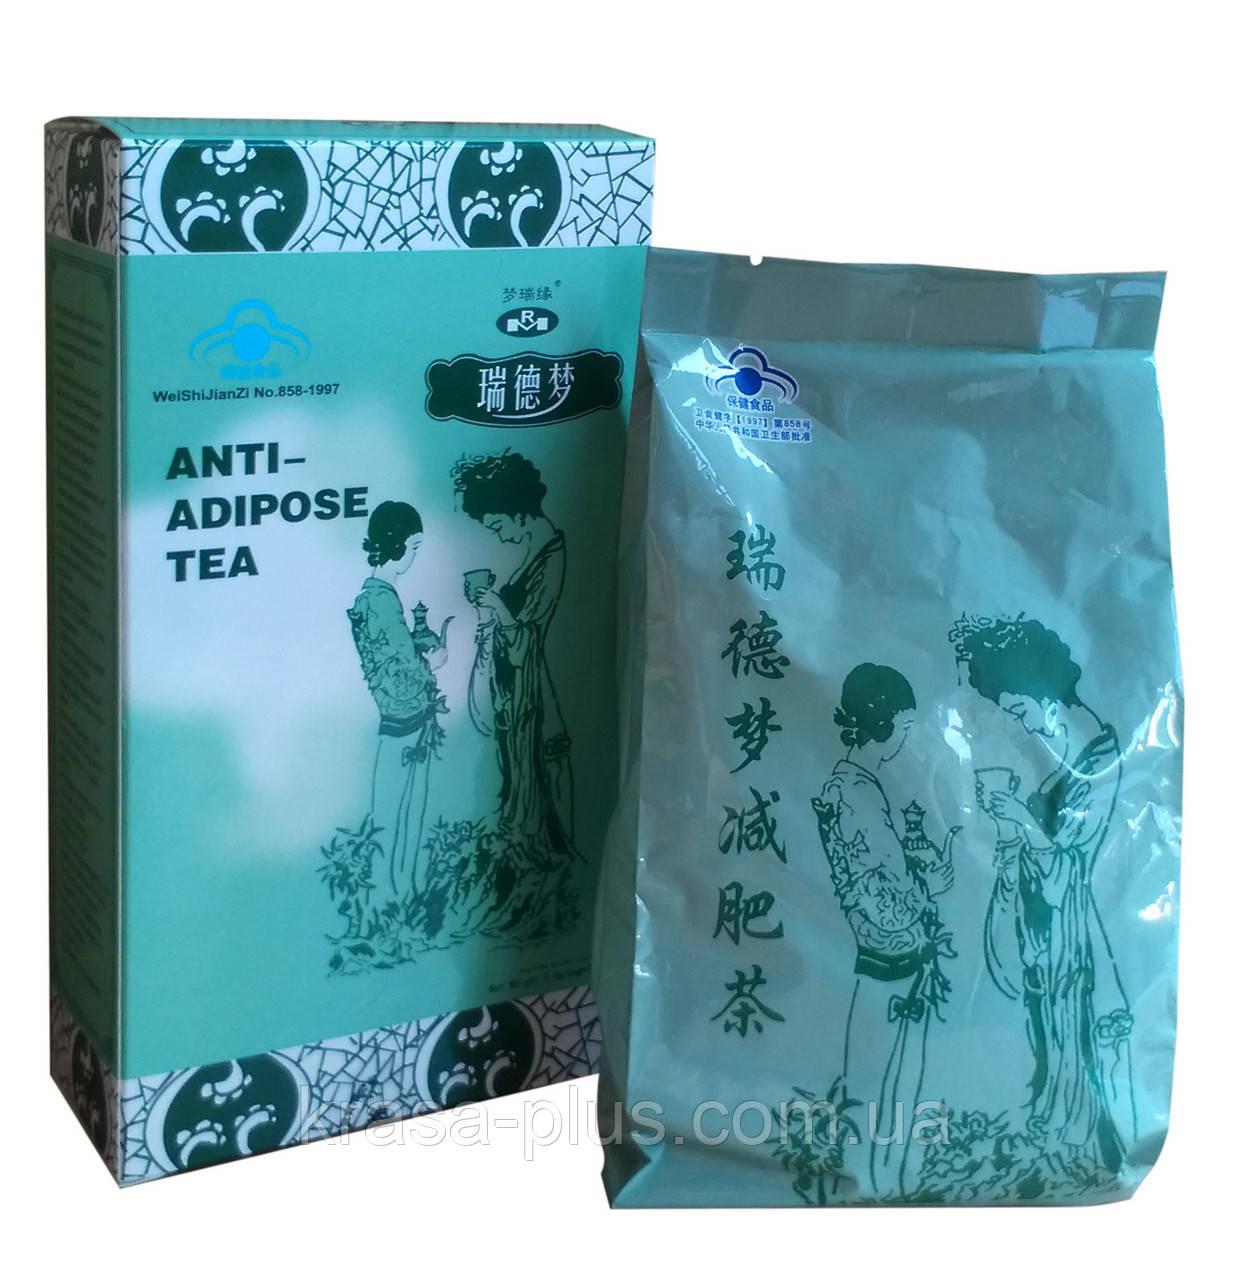 Зеленый чай для похудения c листьями лотоса Anti-adipose tea